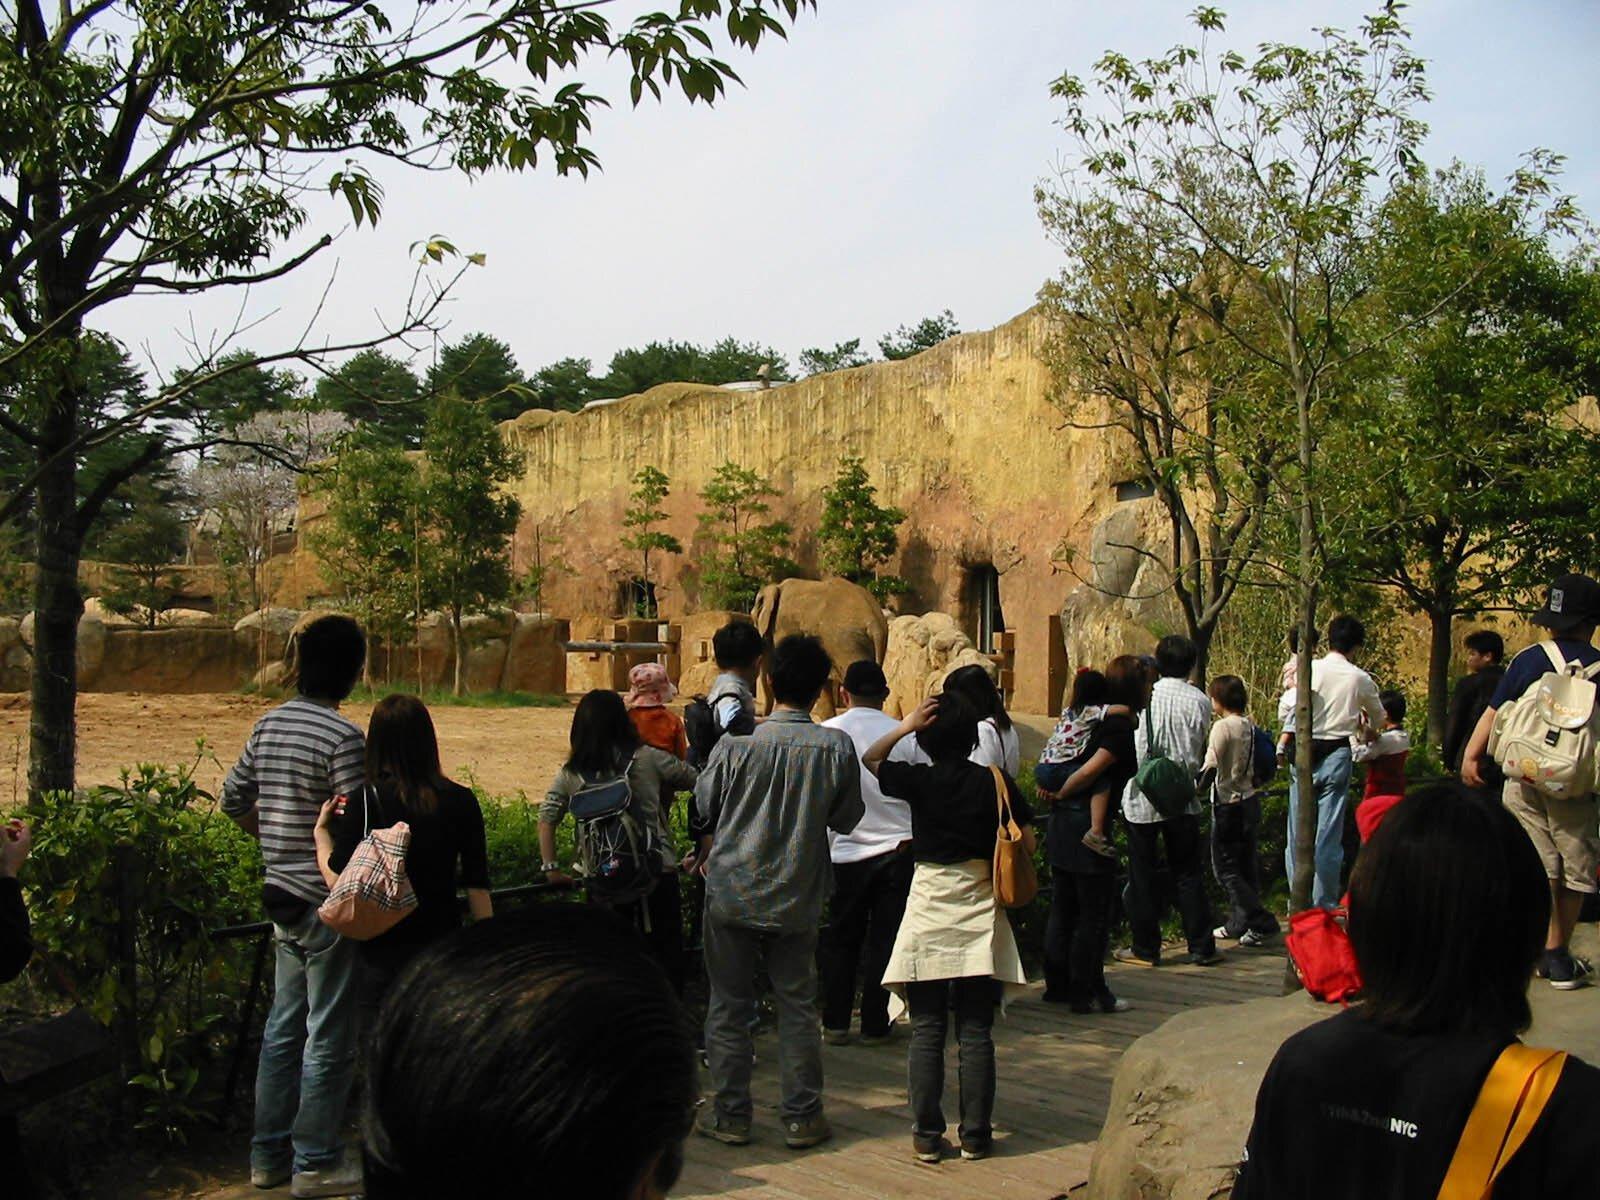 セルコホーム ズーパラダイス八木山(仙台市八木山動物公園)